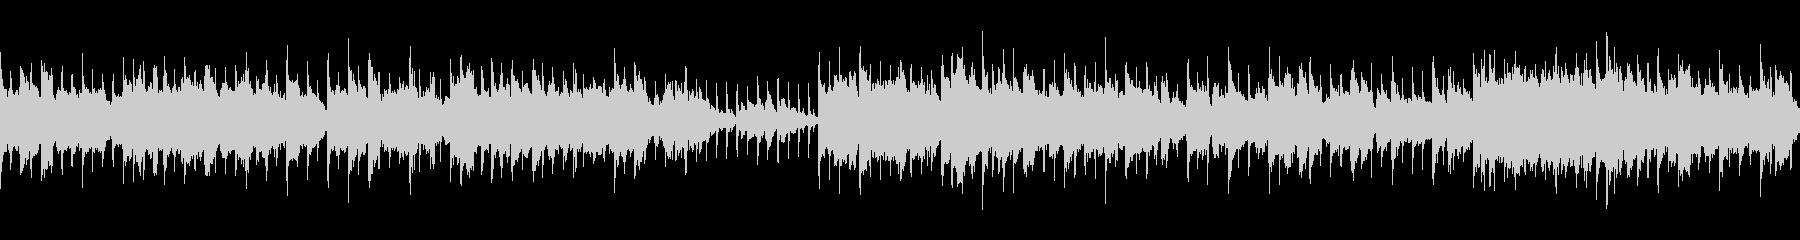 【ループ】おしゃれな雰囲気 淡々とピアノの未再生の波形